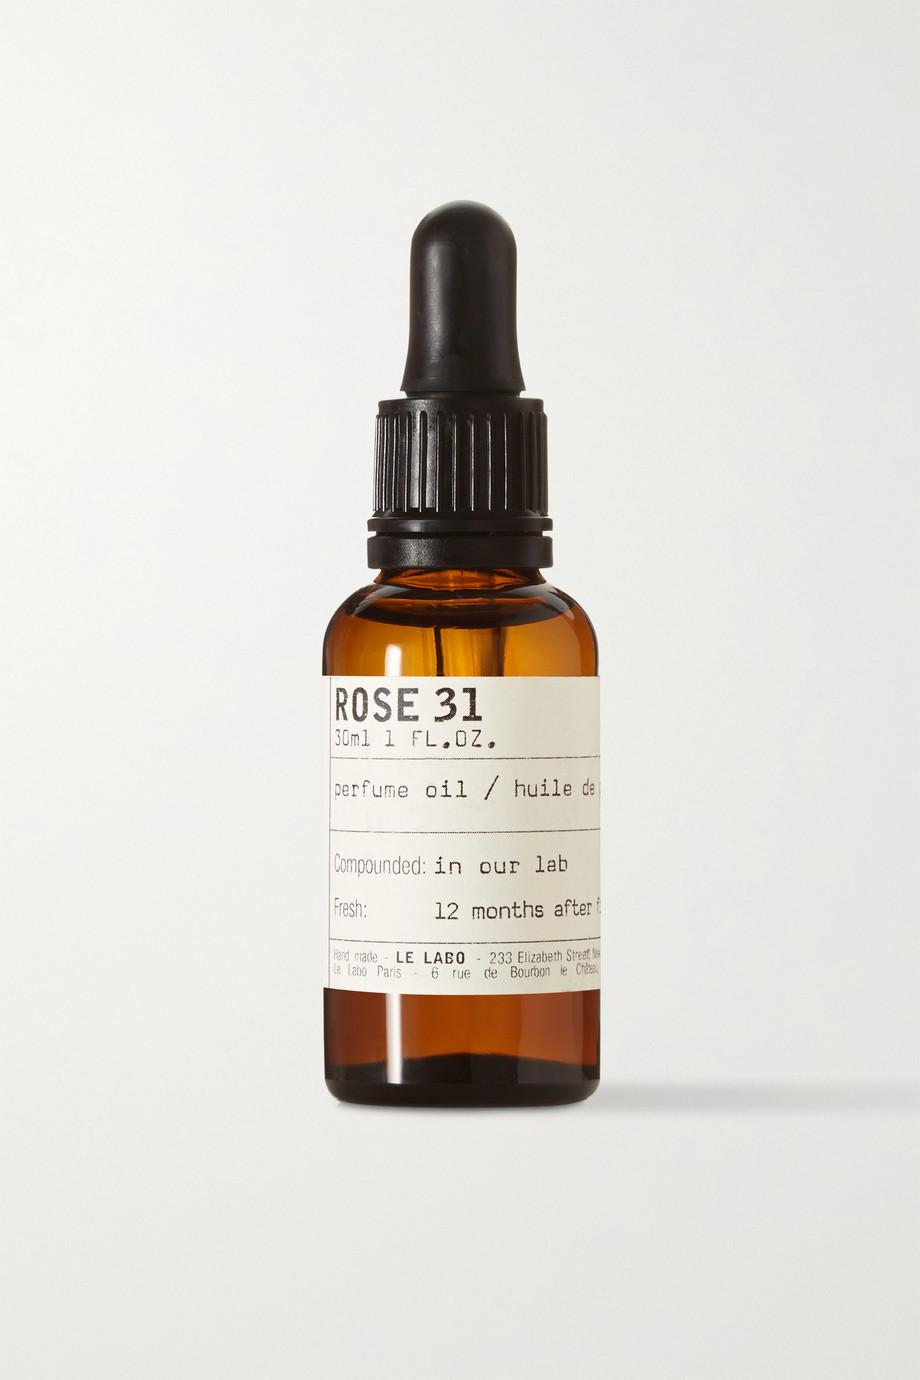 Le Labo Rose 31 Perfume Oil, 30ml